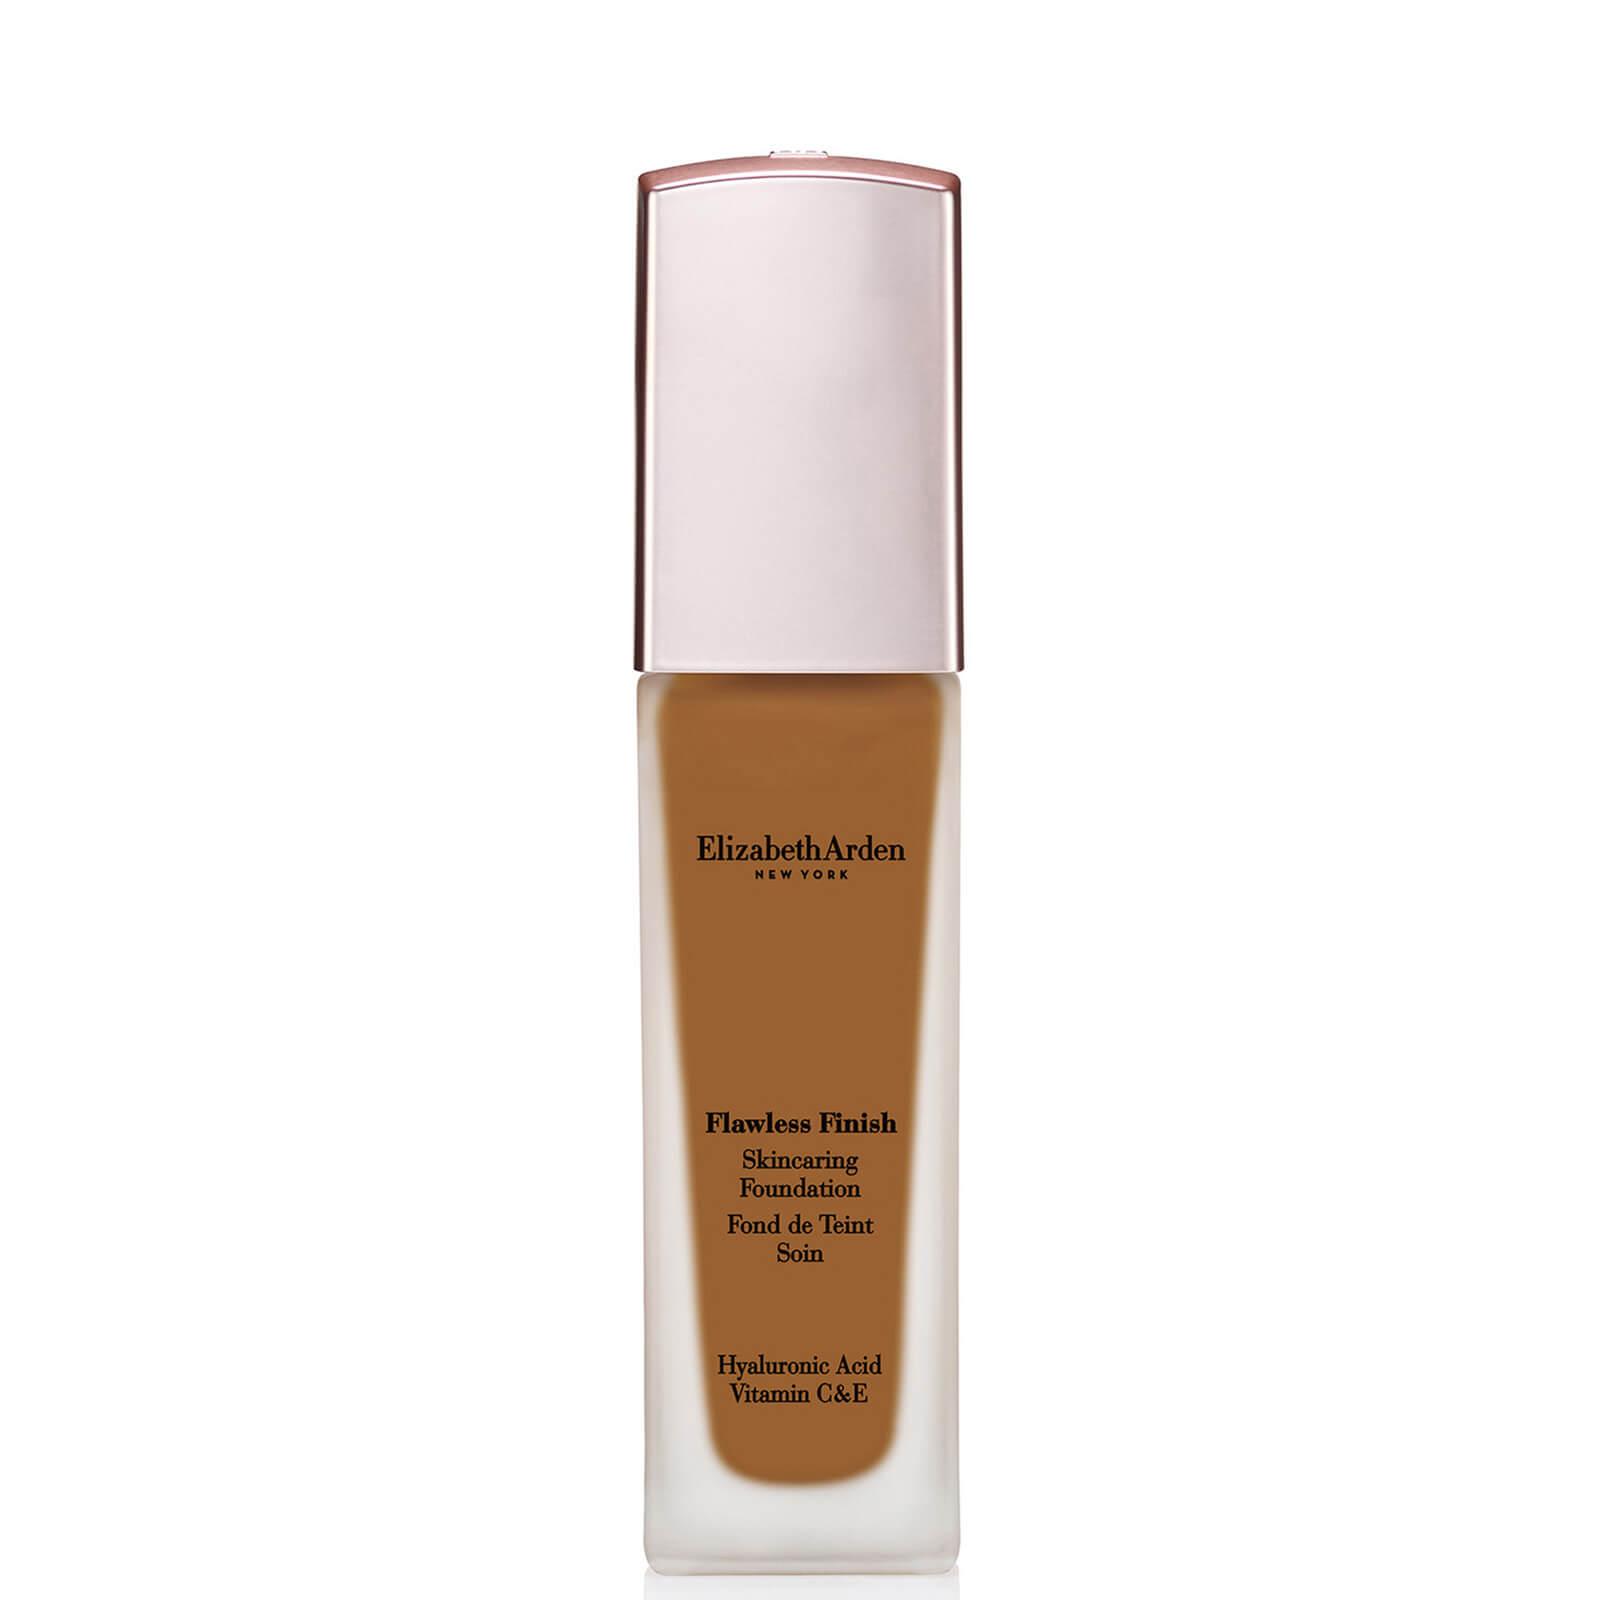 Купить Elizabeth Arden Flawless Finish Skincaring Foundation 30ml (Various Shades) - 600W